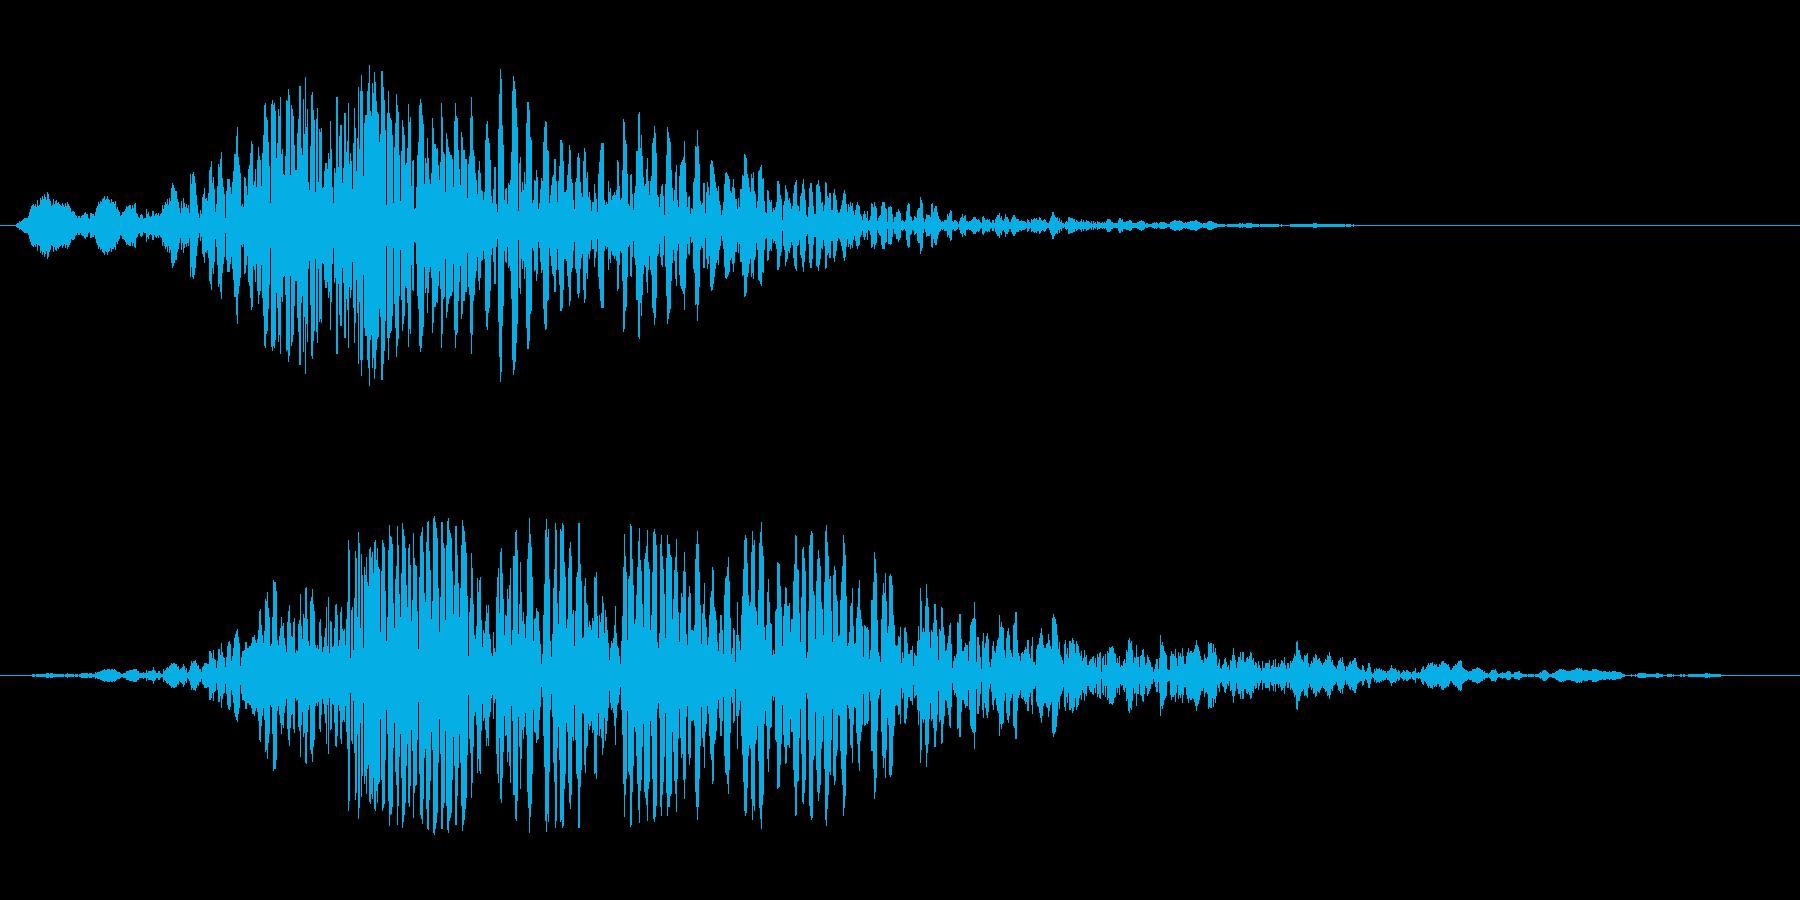 ガガガーキラン(重みのある音→輝く音)の再生済みの波形